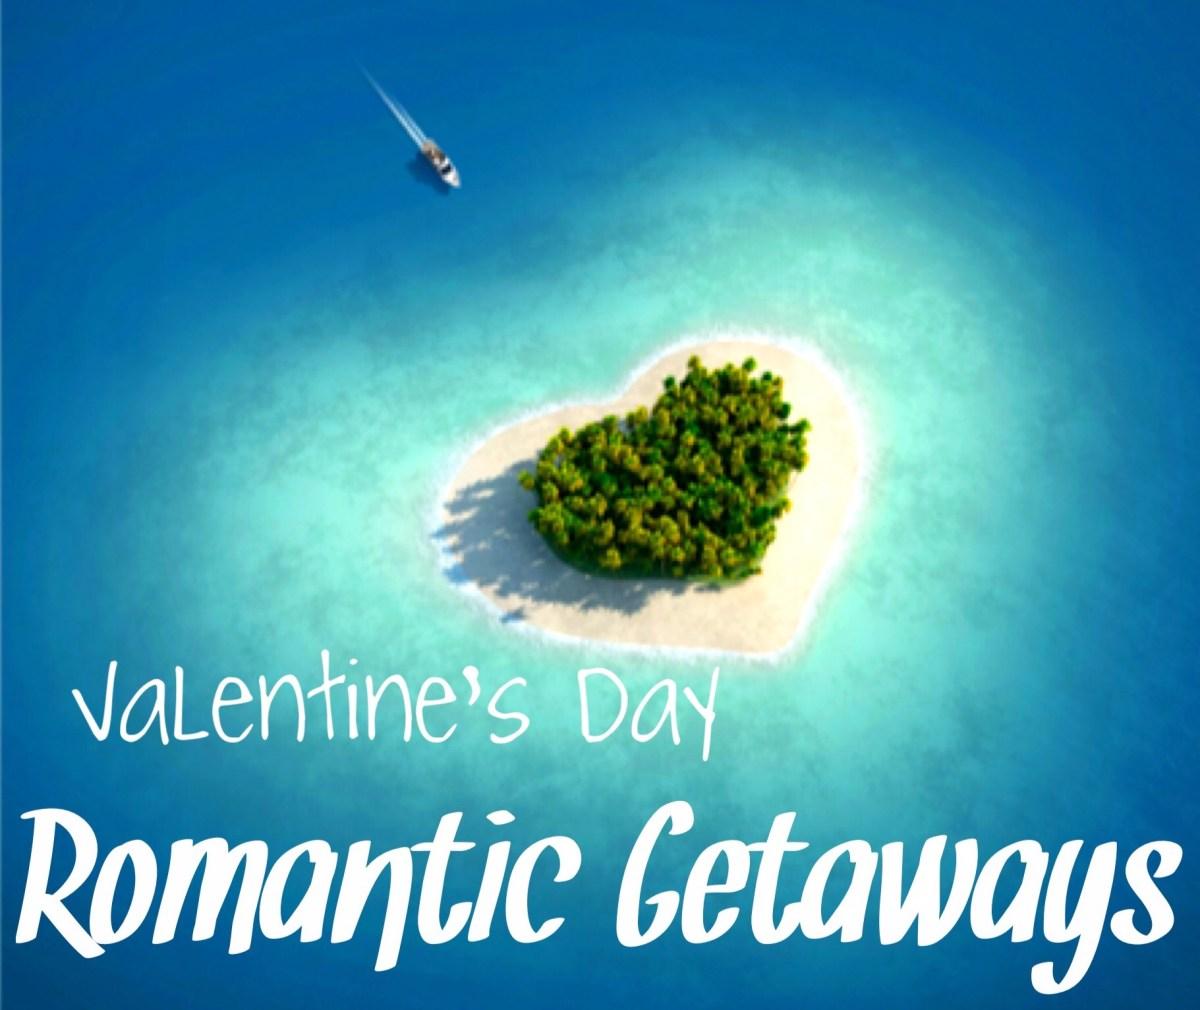 3 Best Romantic Getaways